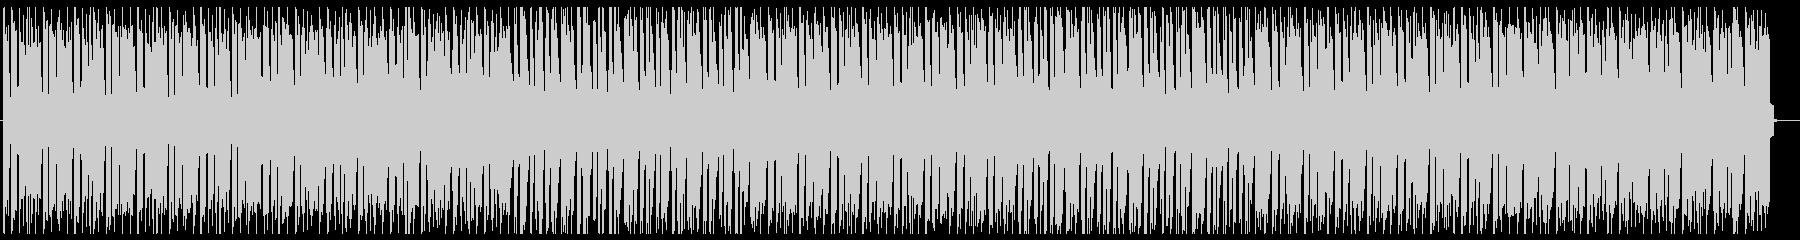 デジタルなファンクミュージックの未再生の波形